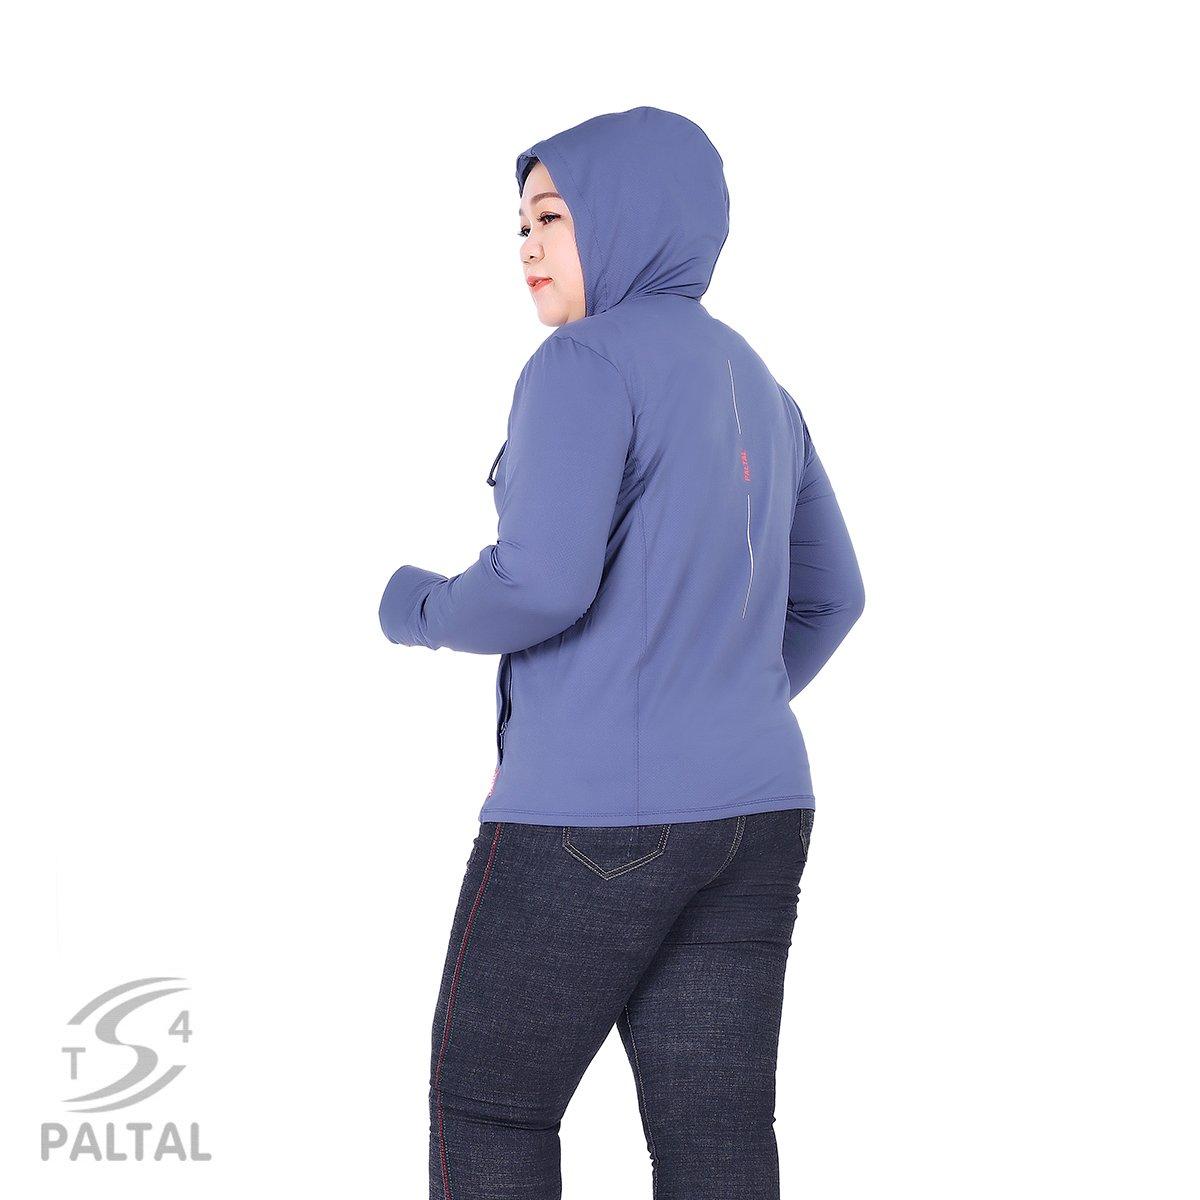 Áo khoác big size cao cấp có nón chống tia tử ngoại uv Paltal akcn 311p 1049